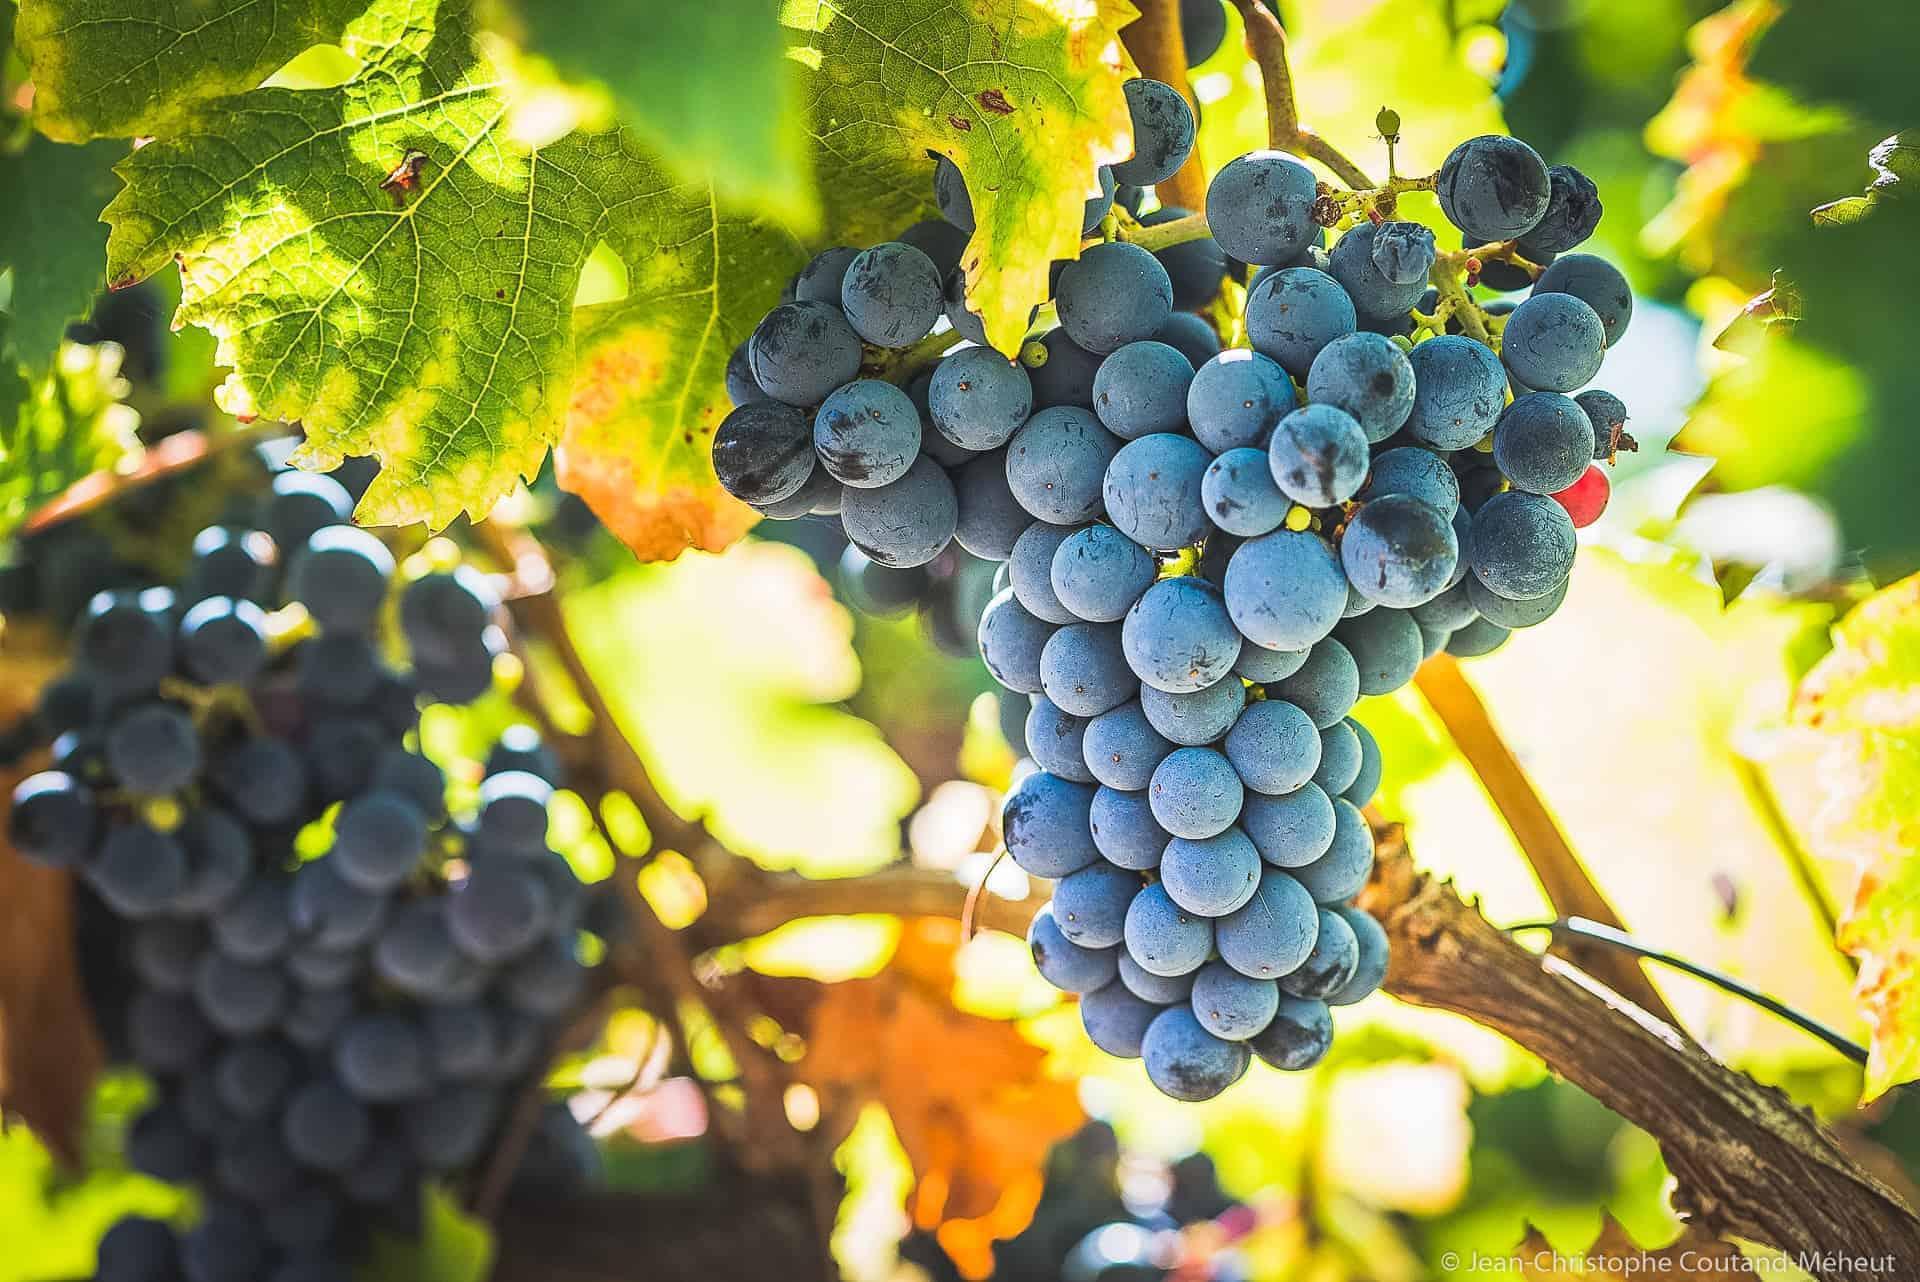 Grappolo d'uva nera